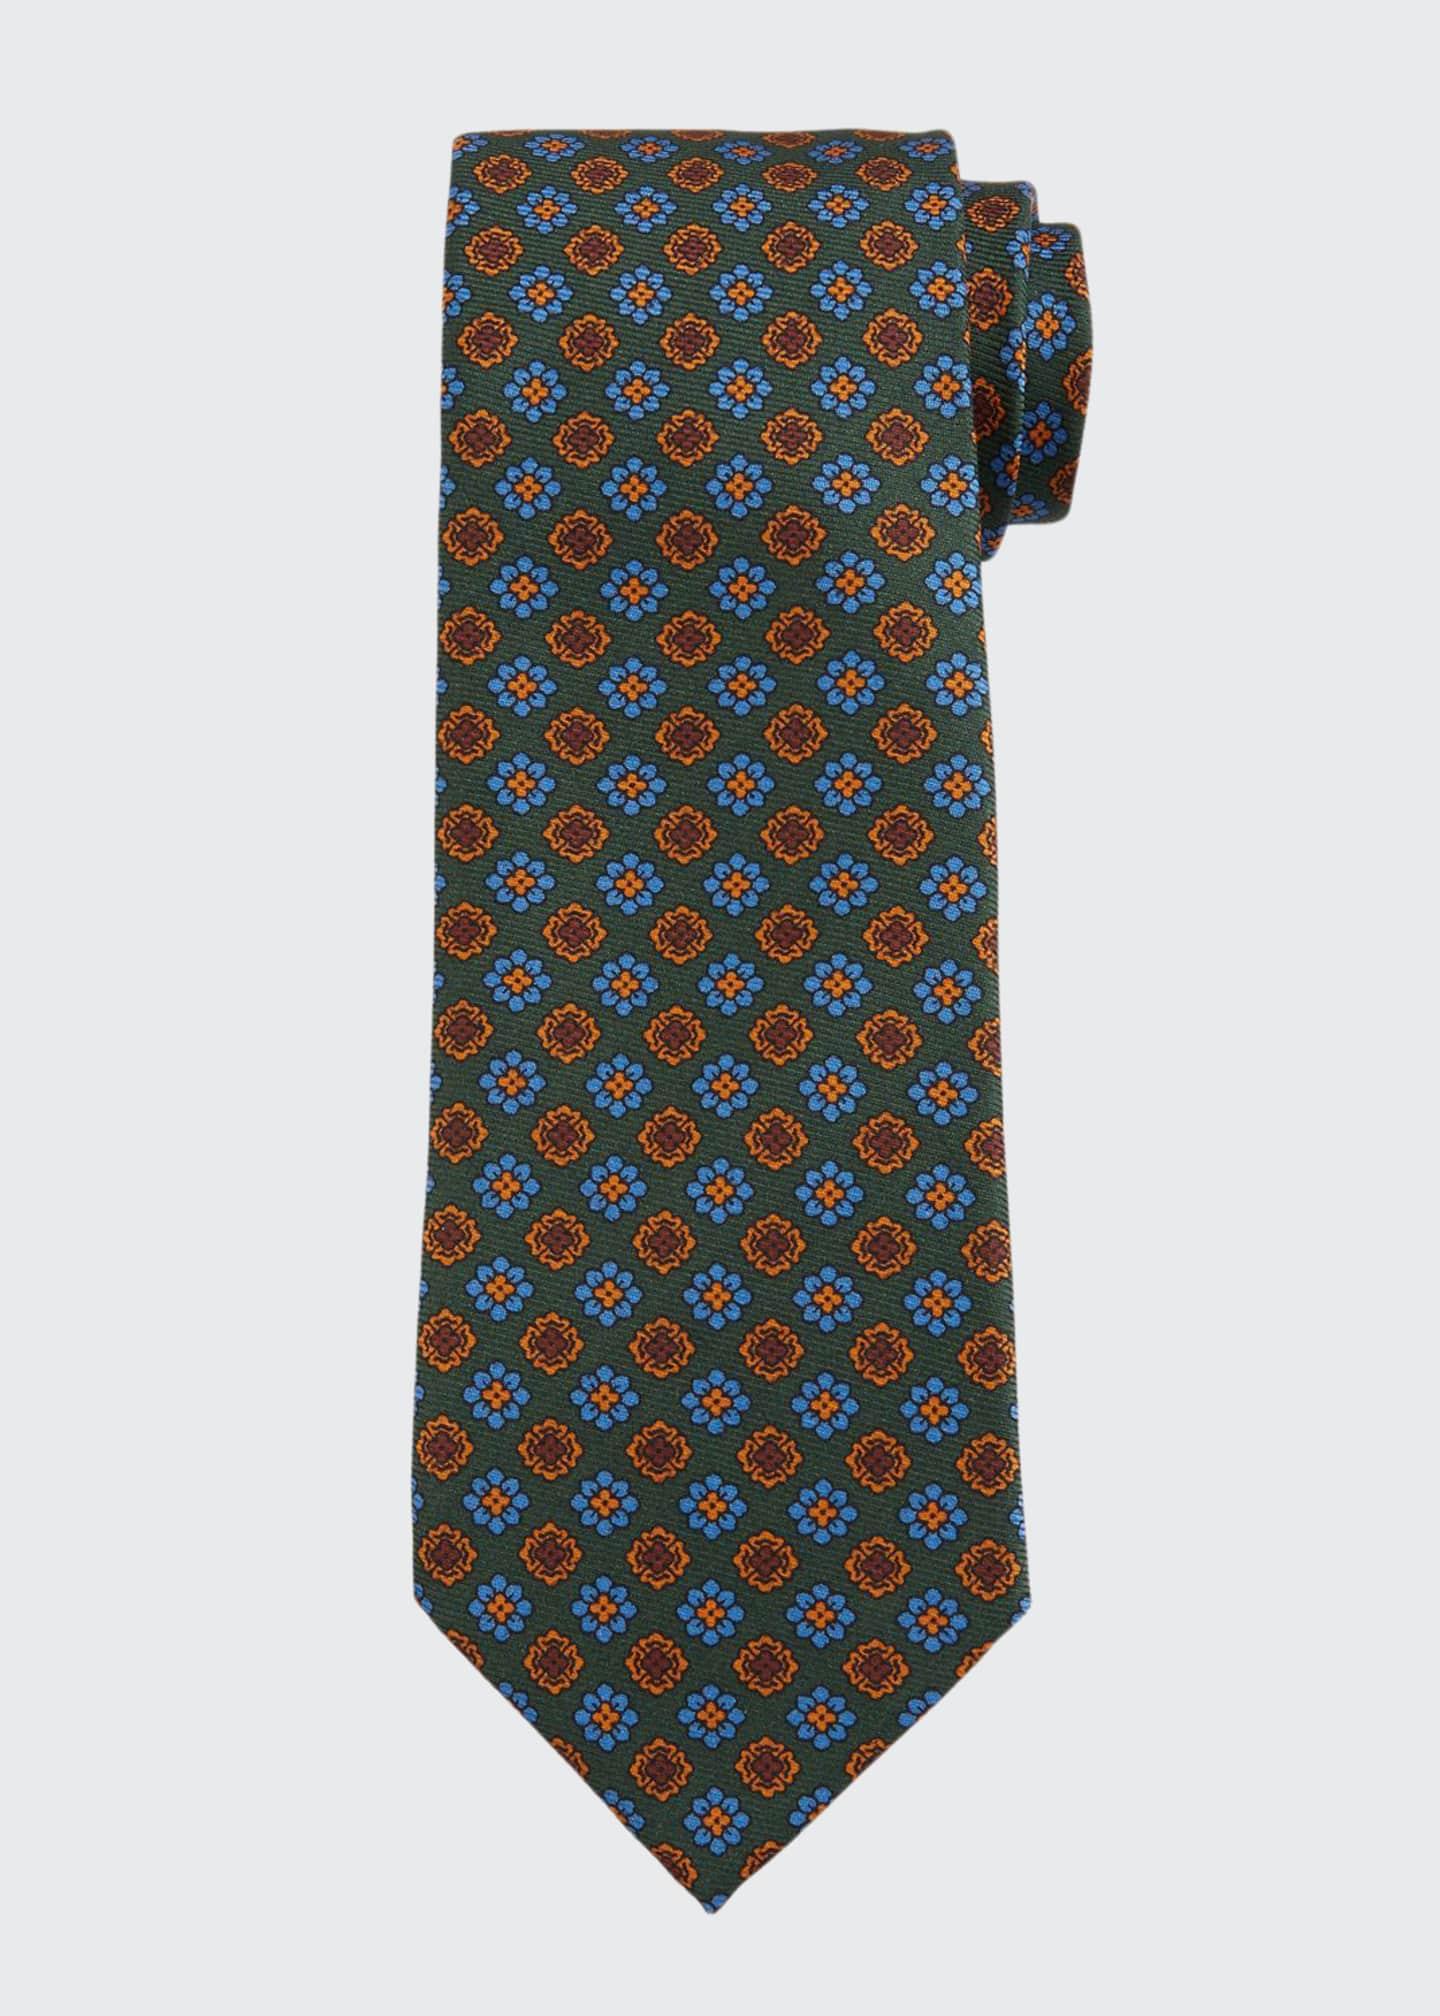 Bigi Men's Vintage Floral Silk Tie, Green